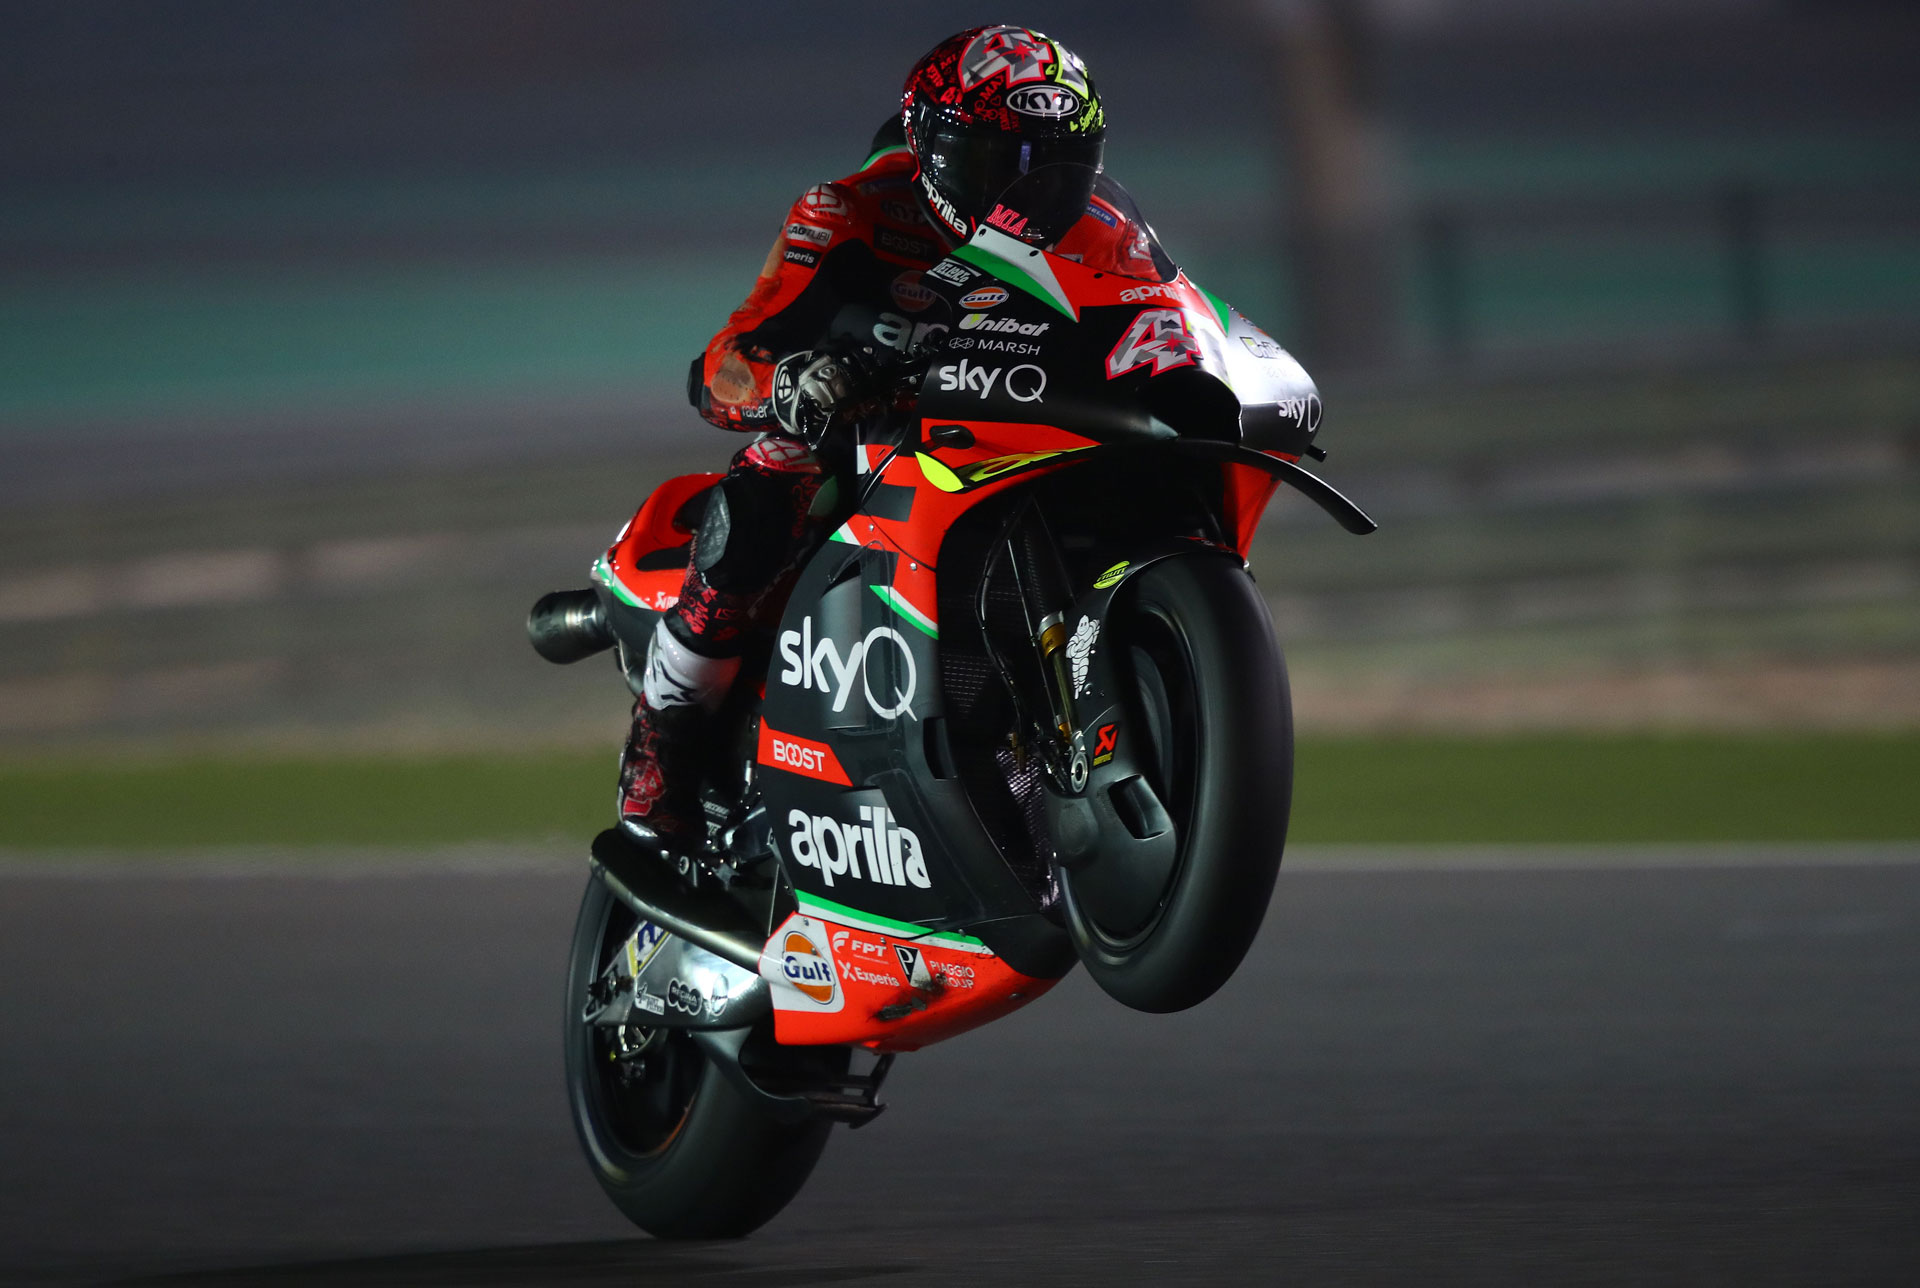 Aprilia en las carreras 3ª parte (500cc y MotoGP)